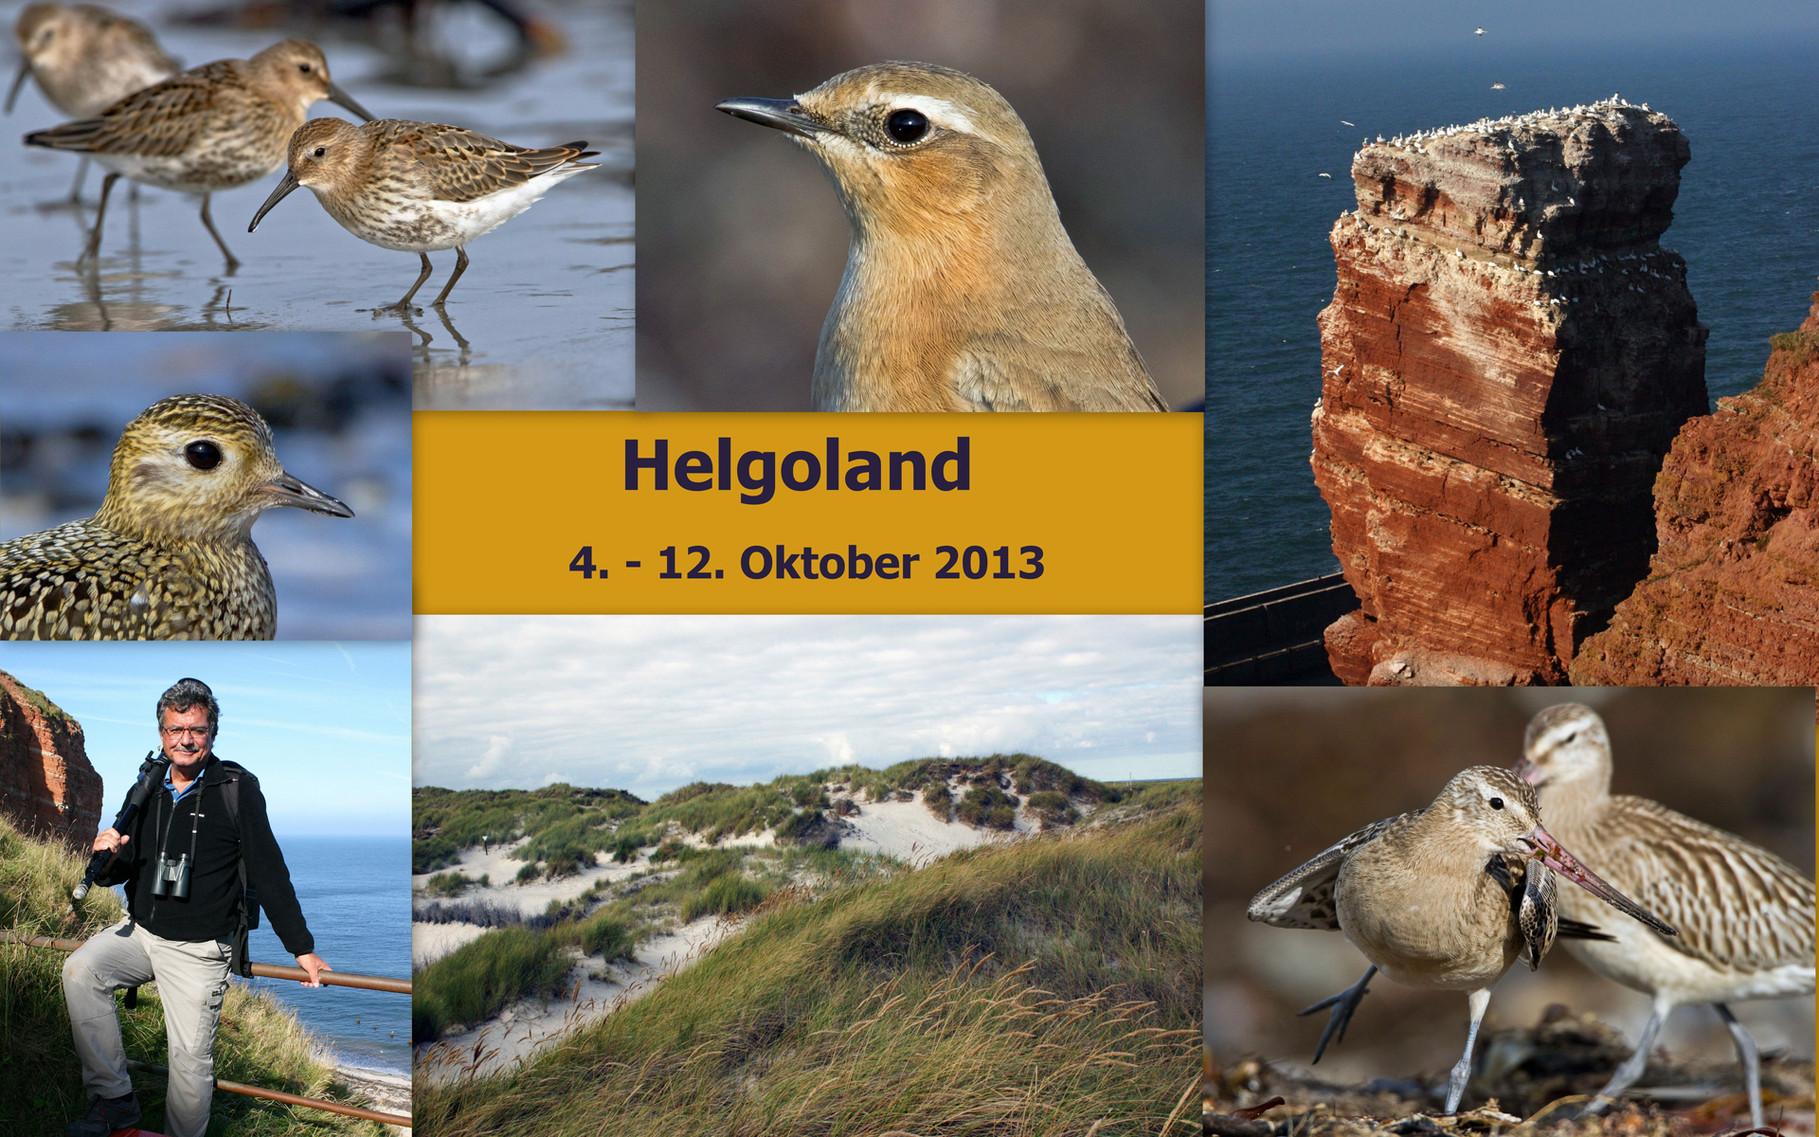 Starte die Bilder-Galerie unserer zweiten Helgoland-Reise im Oktober 2013